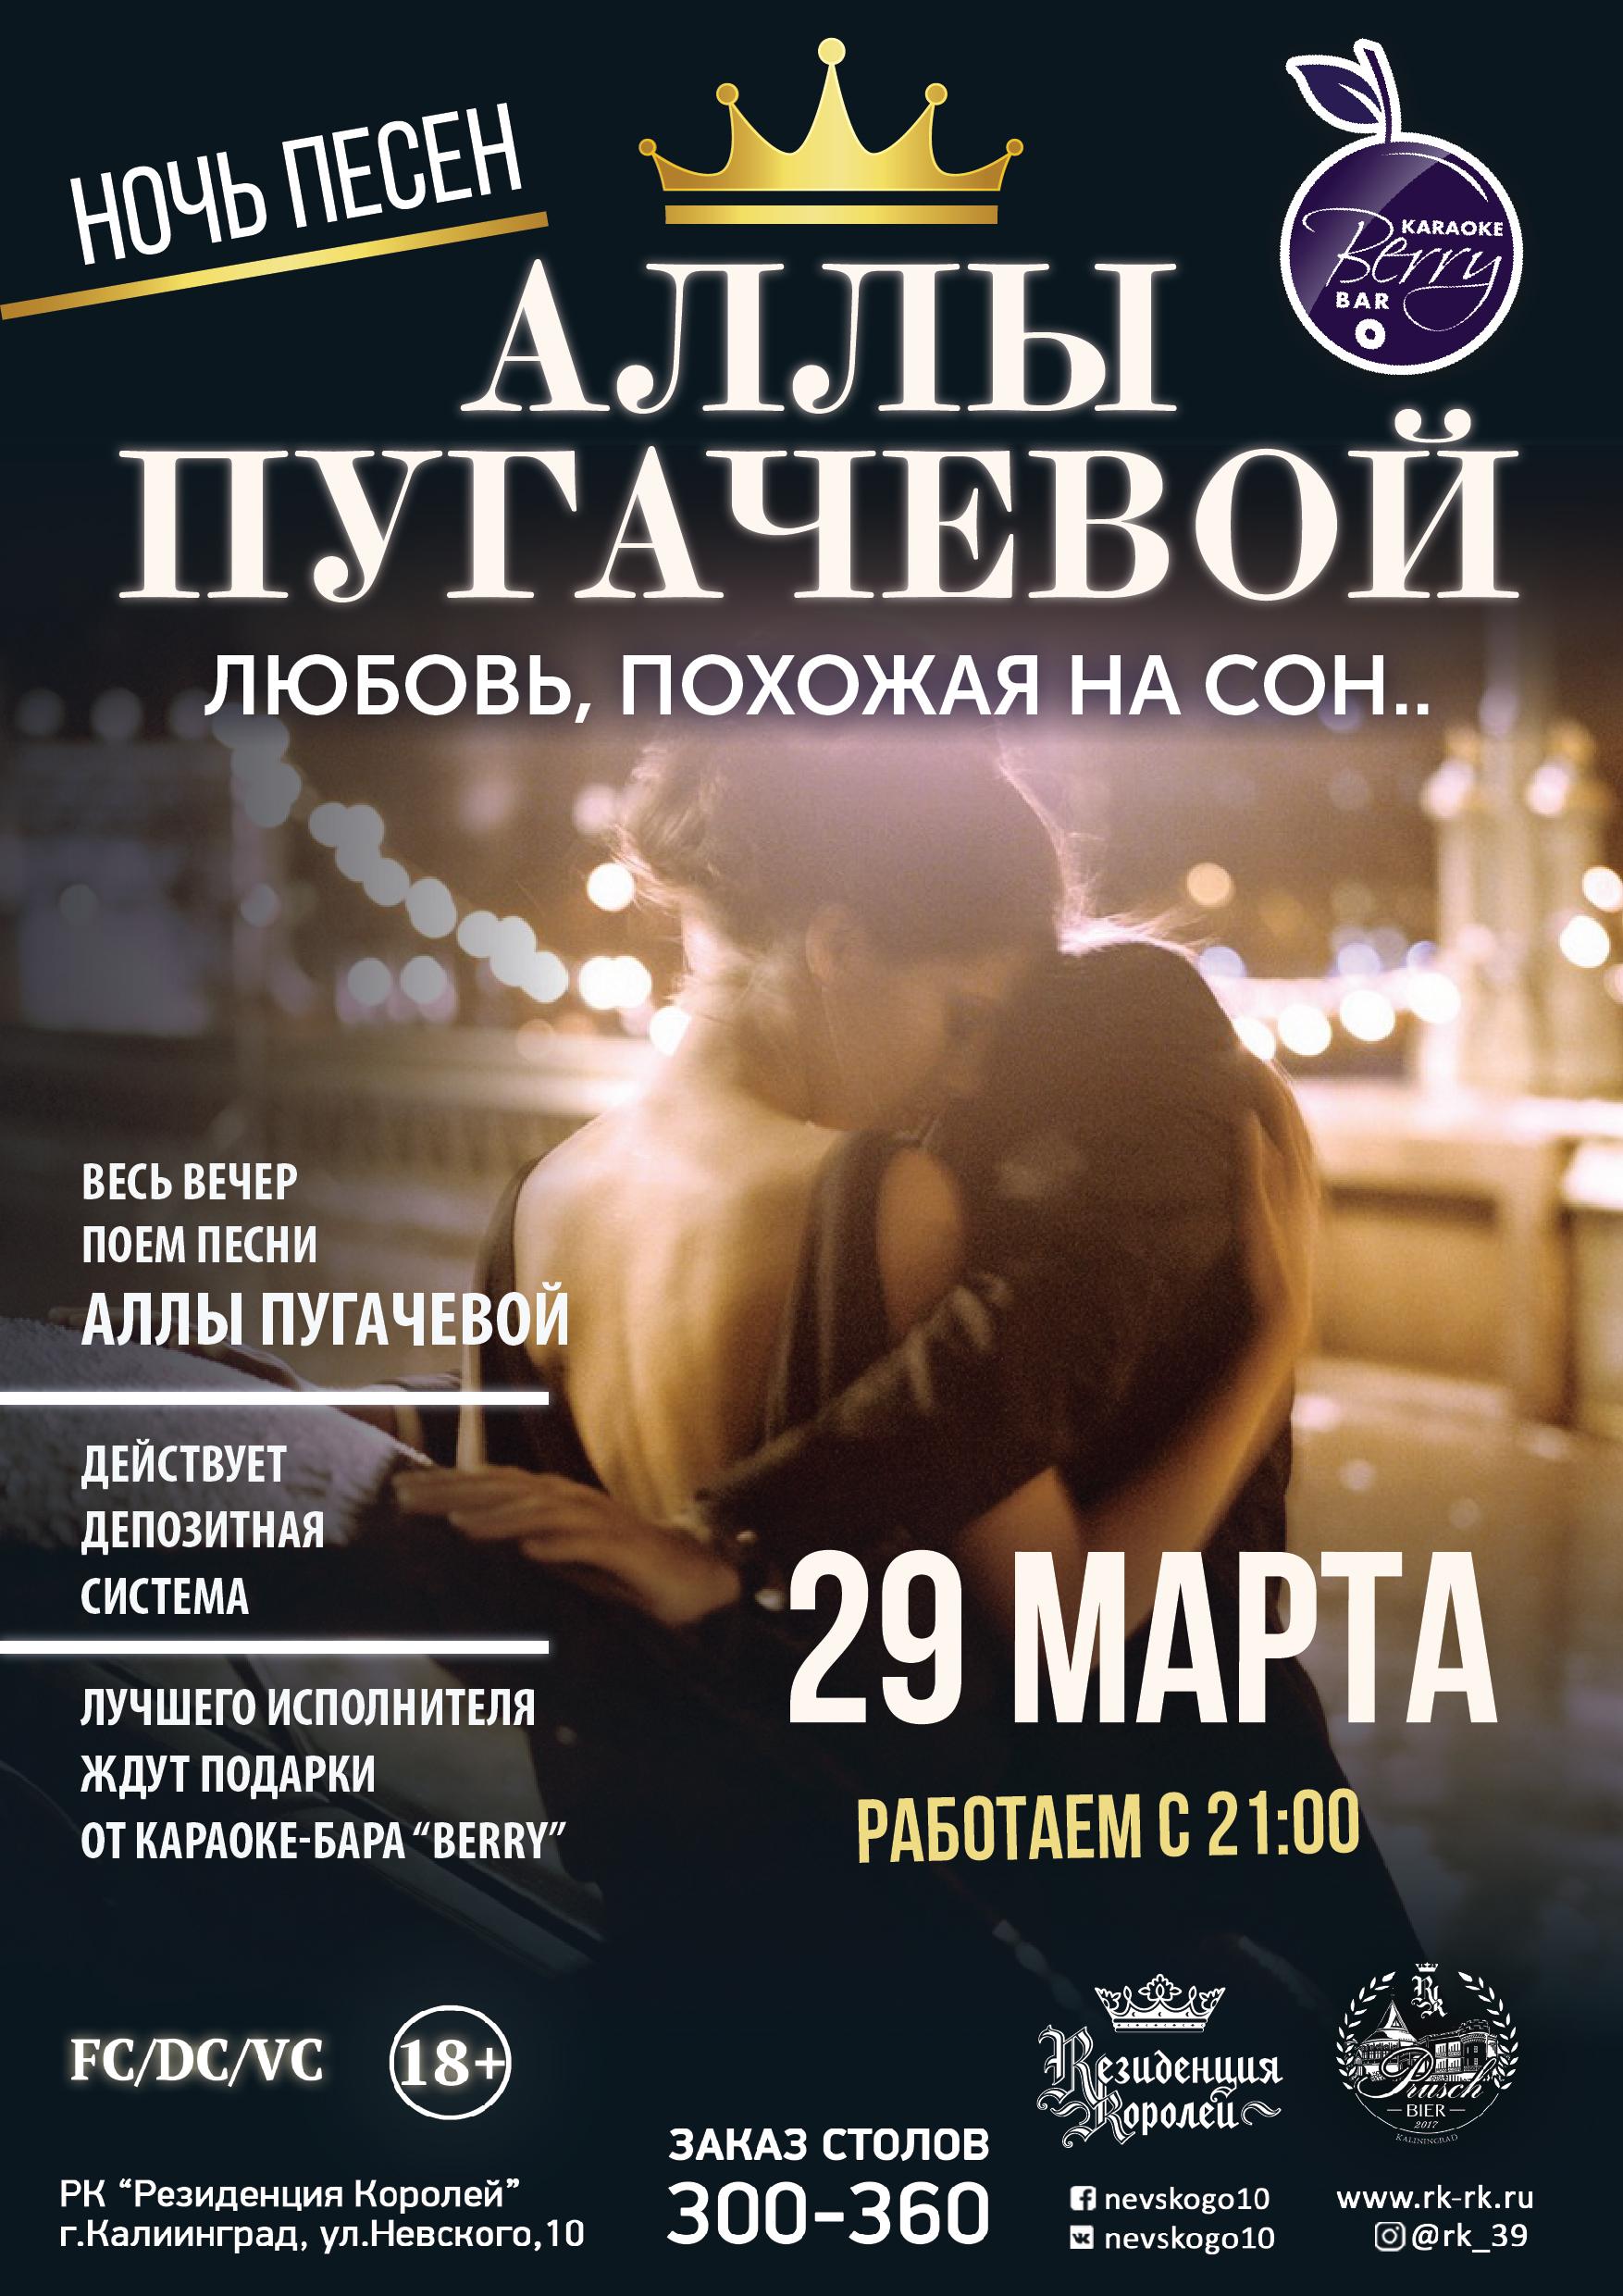 29 марта Алла Пугачева А1